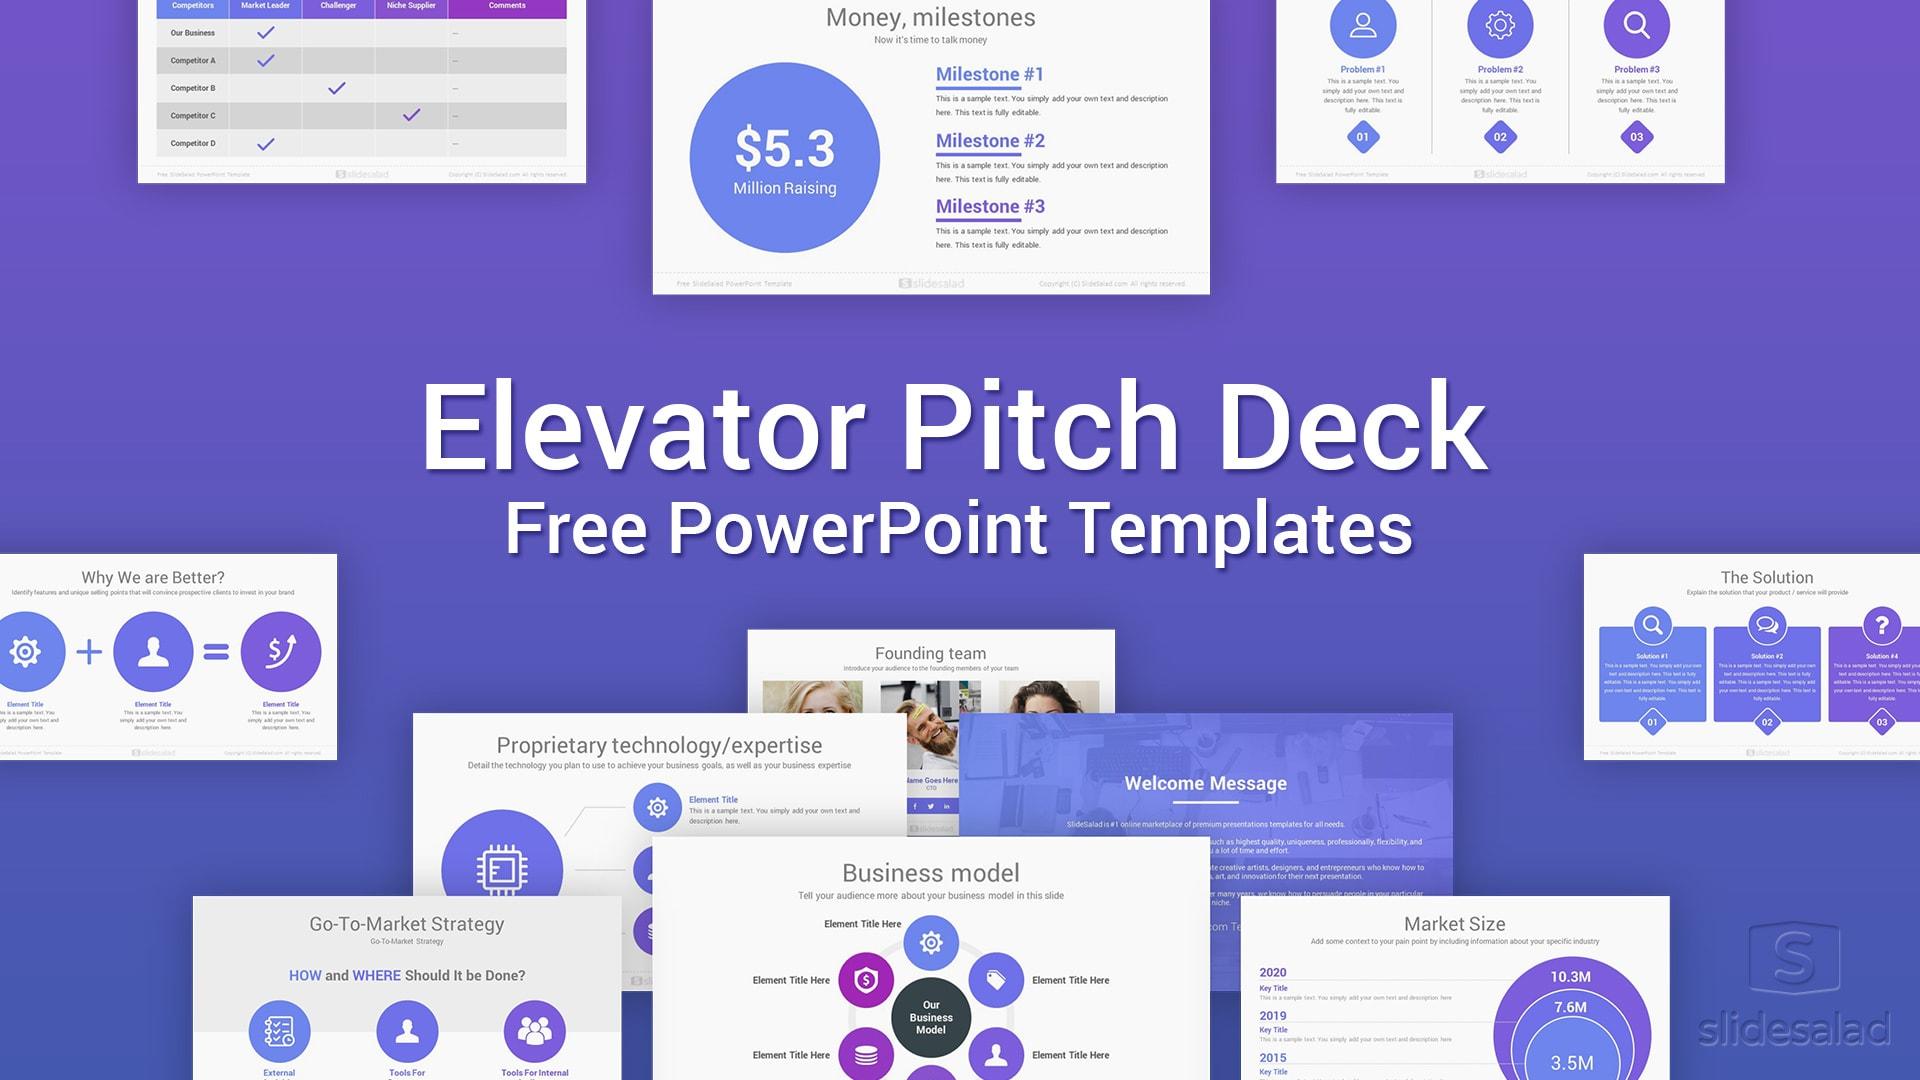 Elevator Free PowerPoint Pitch Deck Templates – PowerPoint Investor Presentation Deck